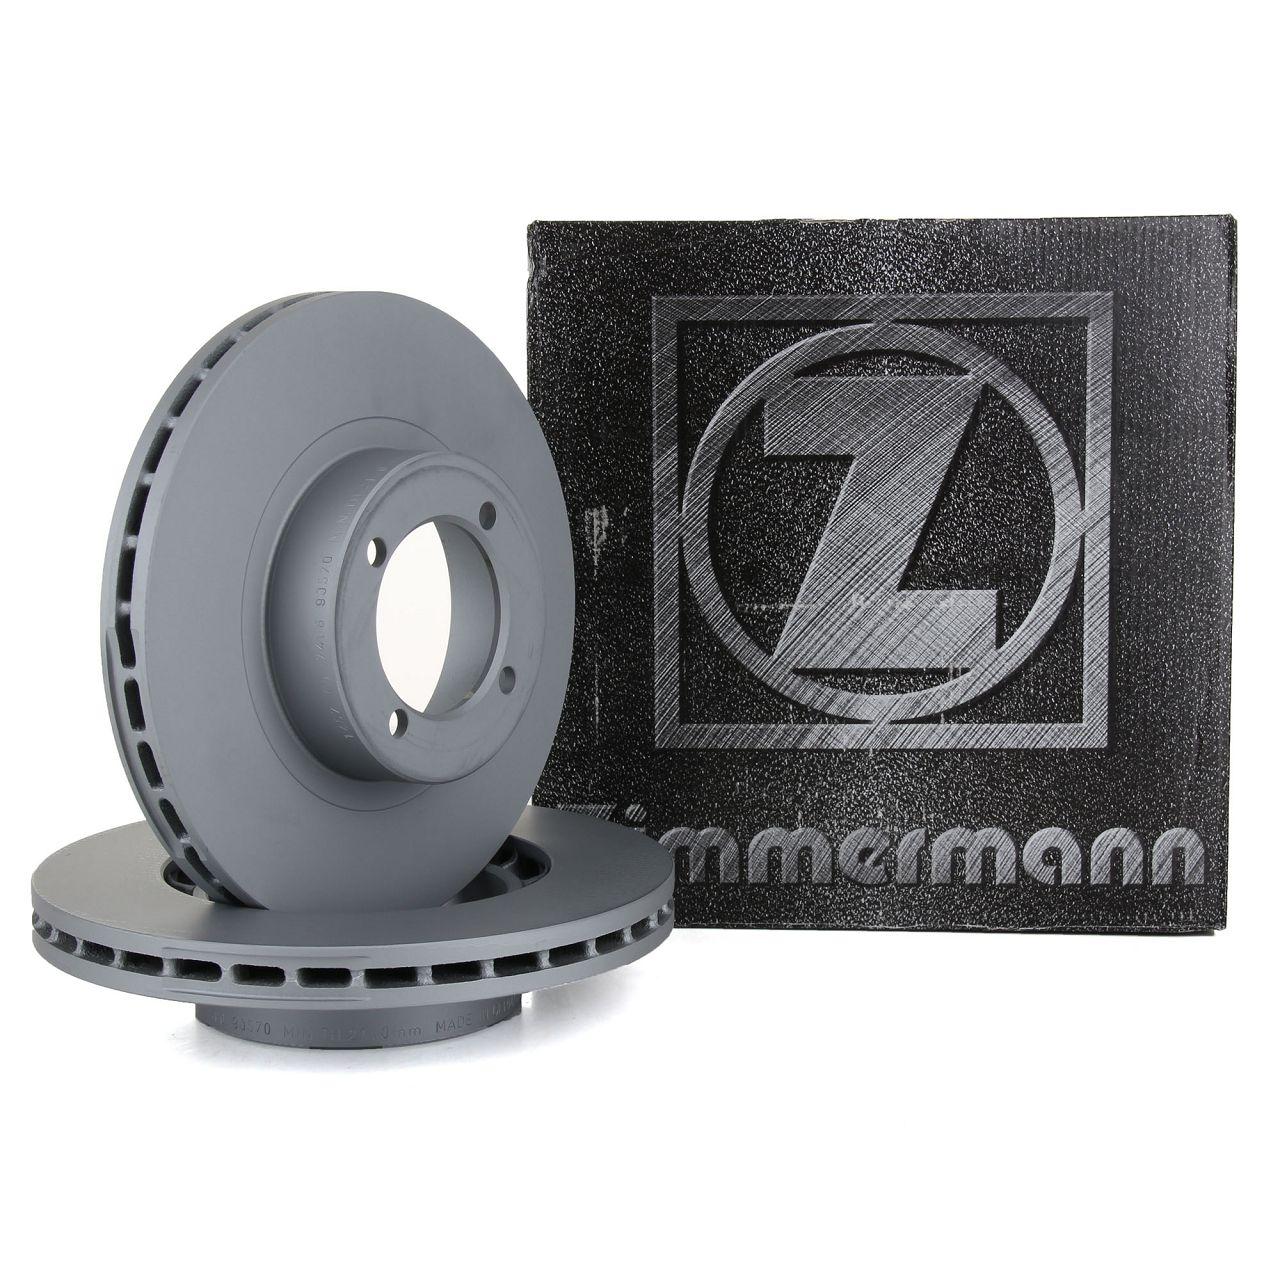 ZIMMERMANN Bremsscheiben für OPEL REKORD E 2.0E 2.2E 110/115 PS ohne ABS vorne